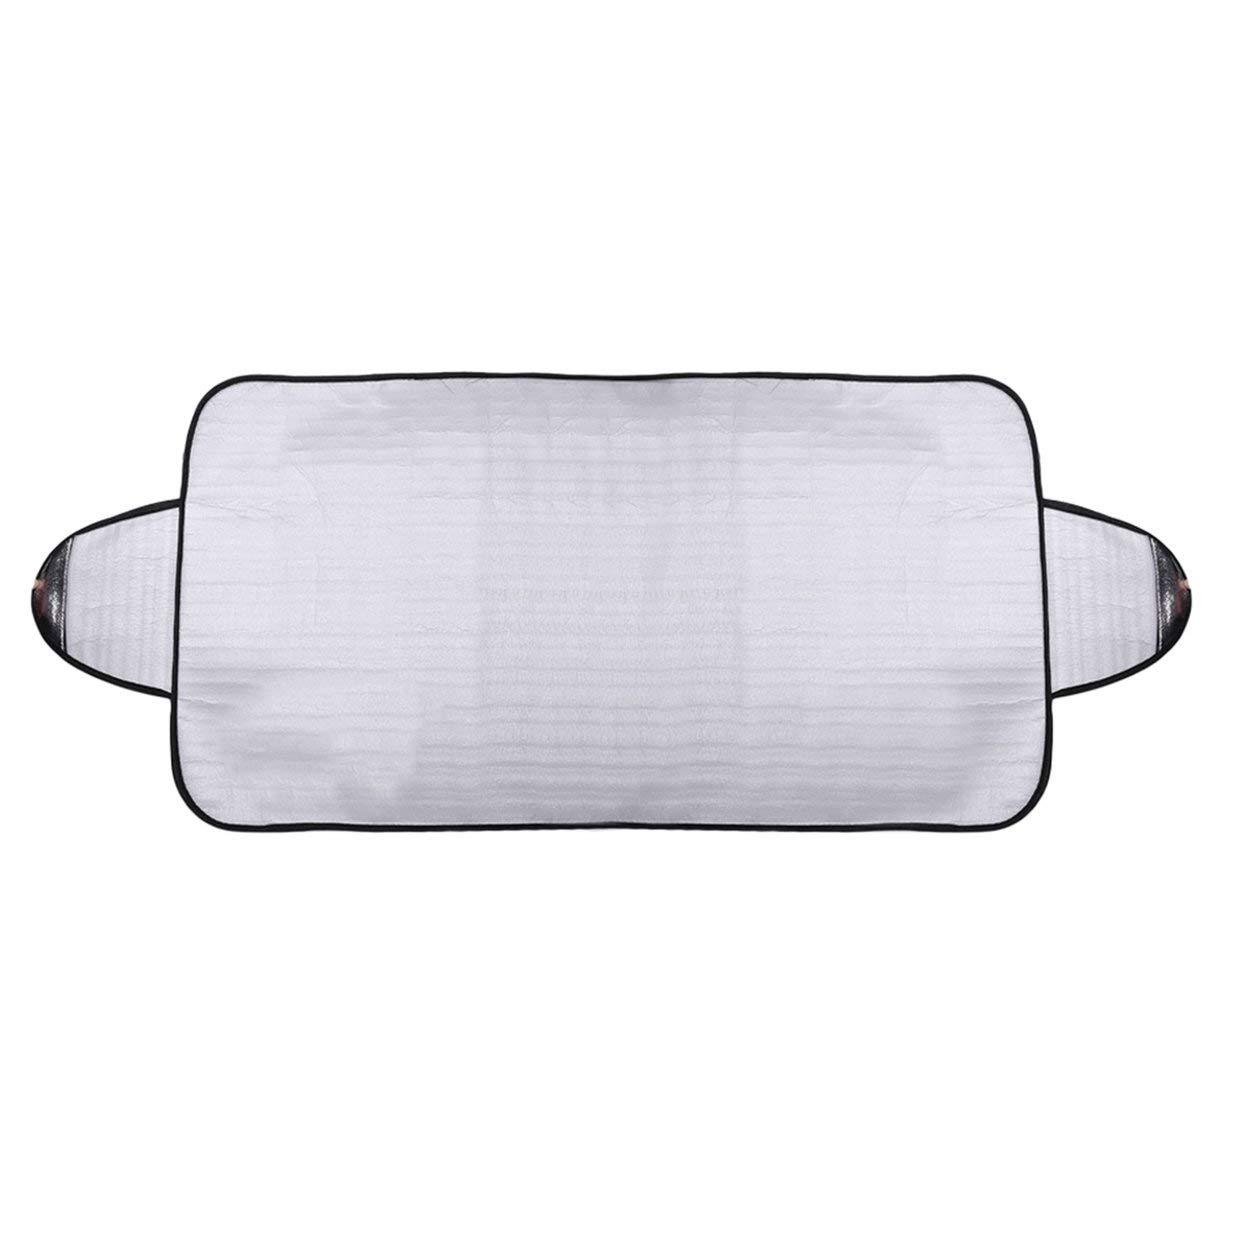 Cubierta prá ctica del parabrisas del coche Anti Ice Snow Frost Shield Protecció n contra el polvo Calor Sombra del sol Ideal para el parabrisas delantero del coche LoveOlvidoE